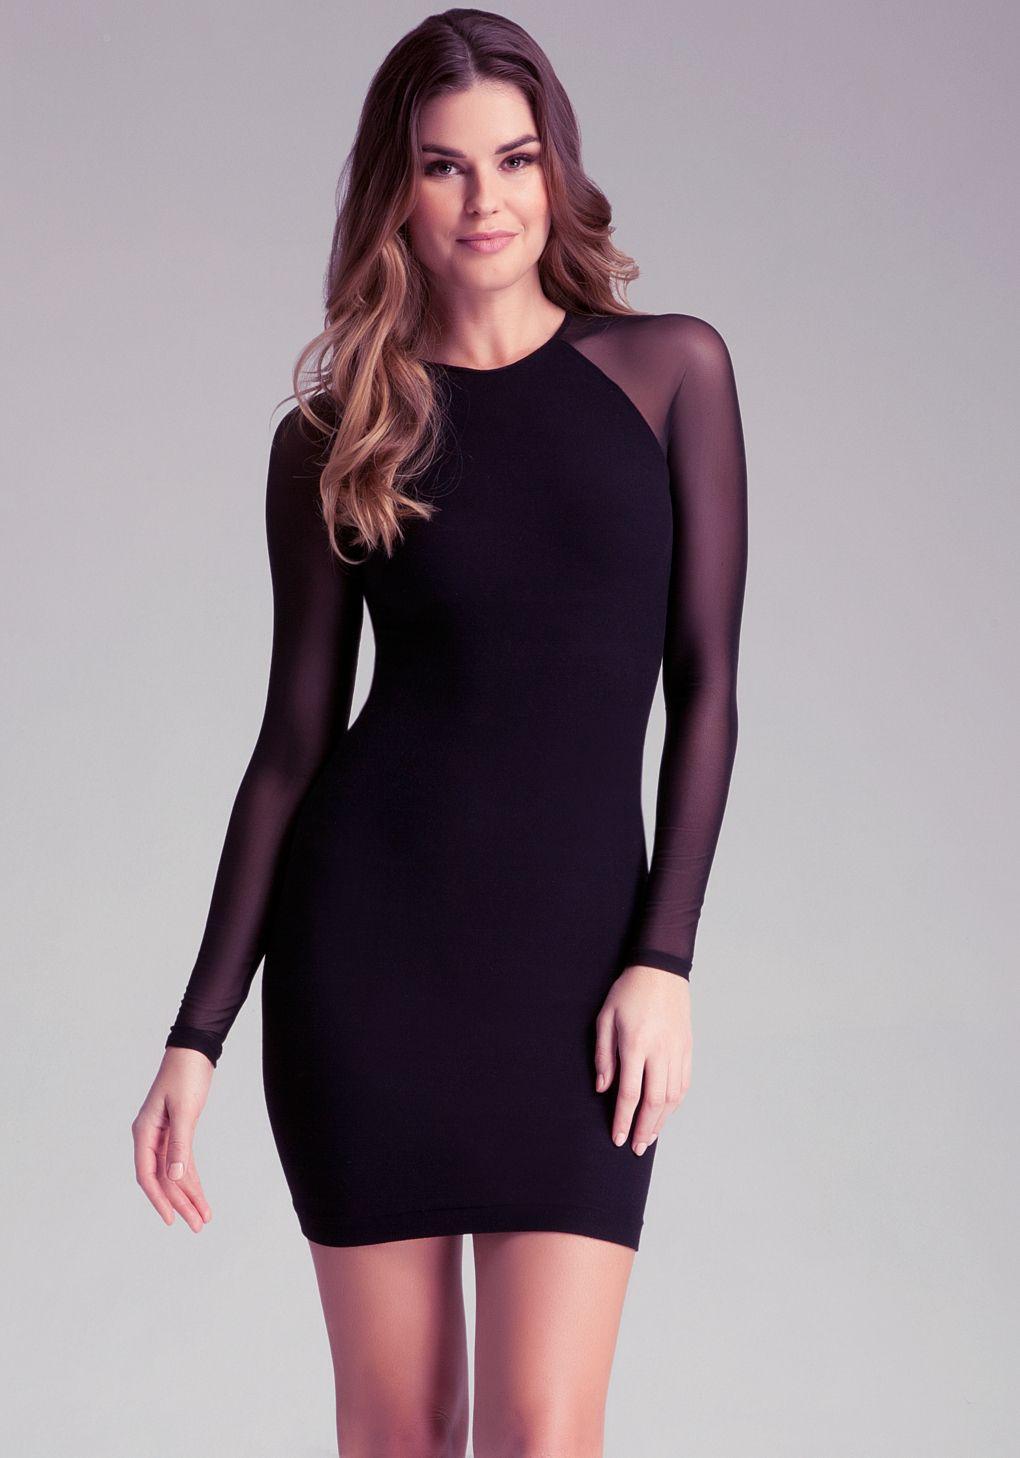 Black dress bebe - Bebe Grace Dress In Black Lyst